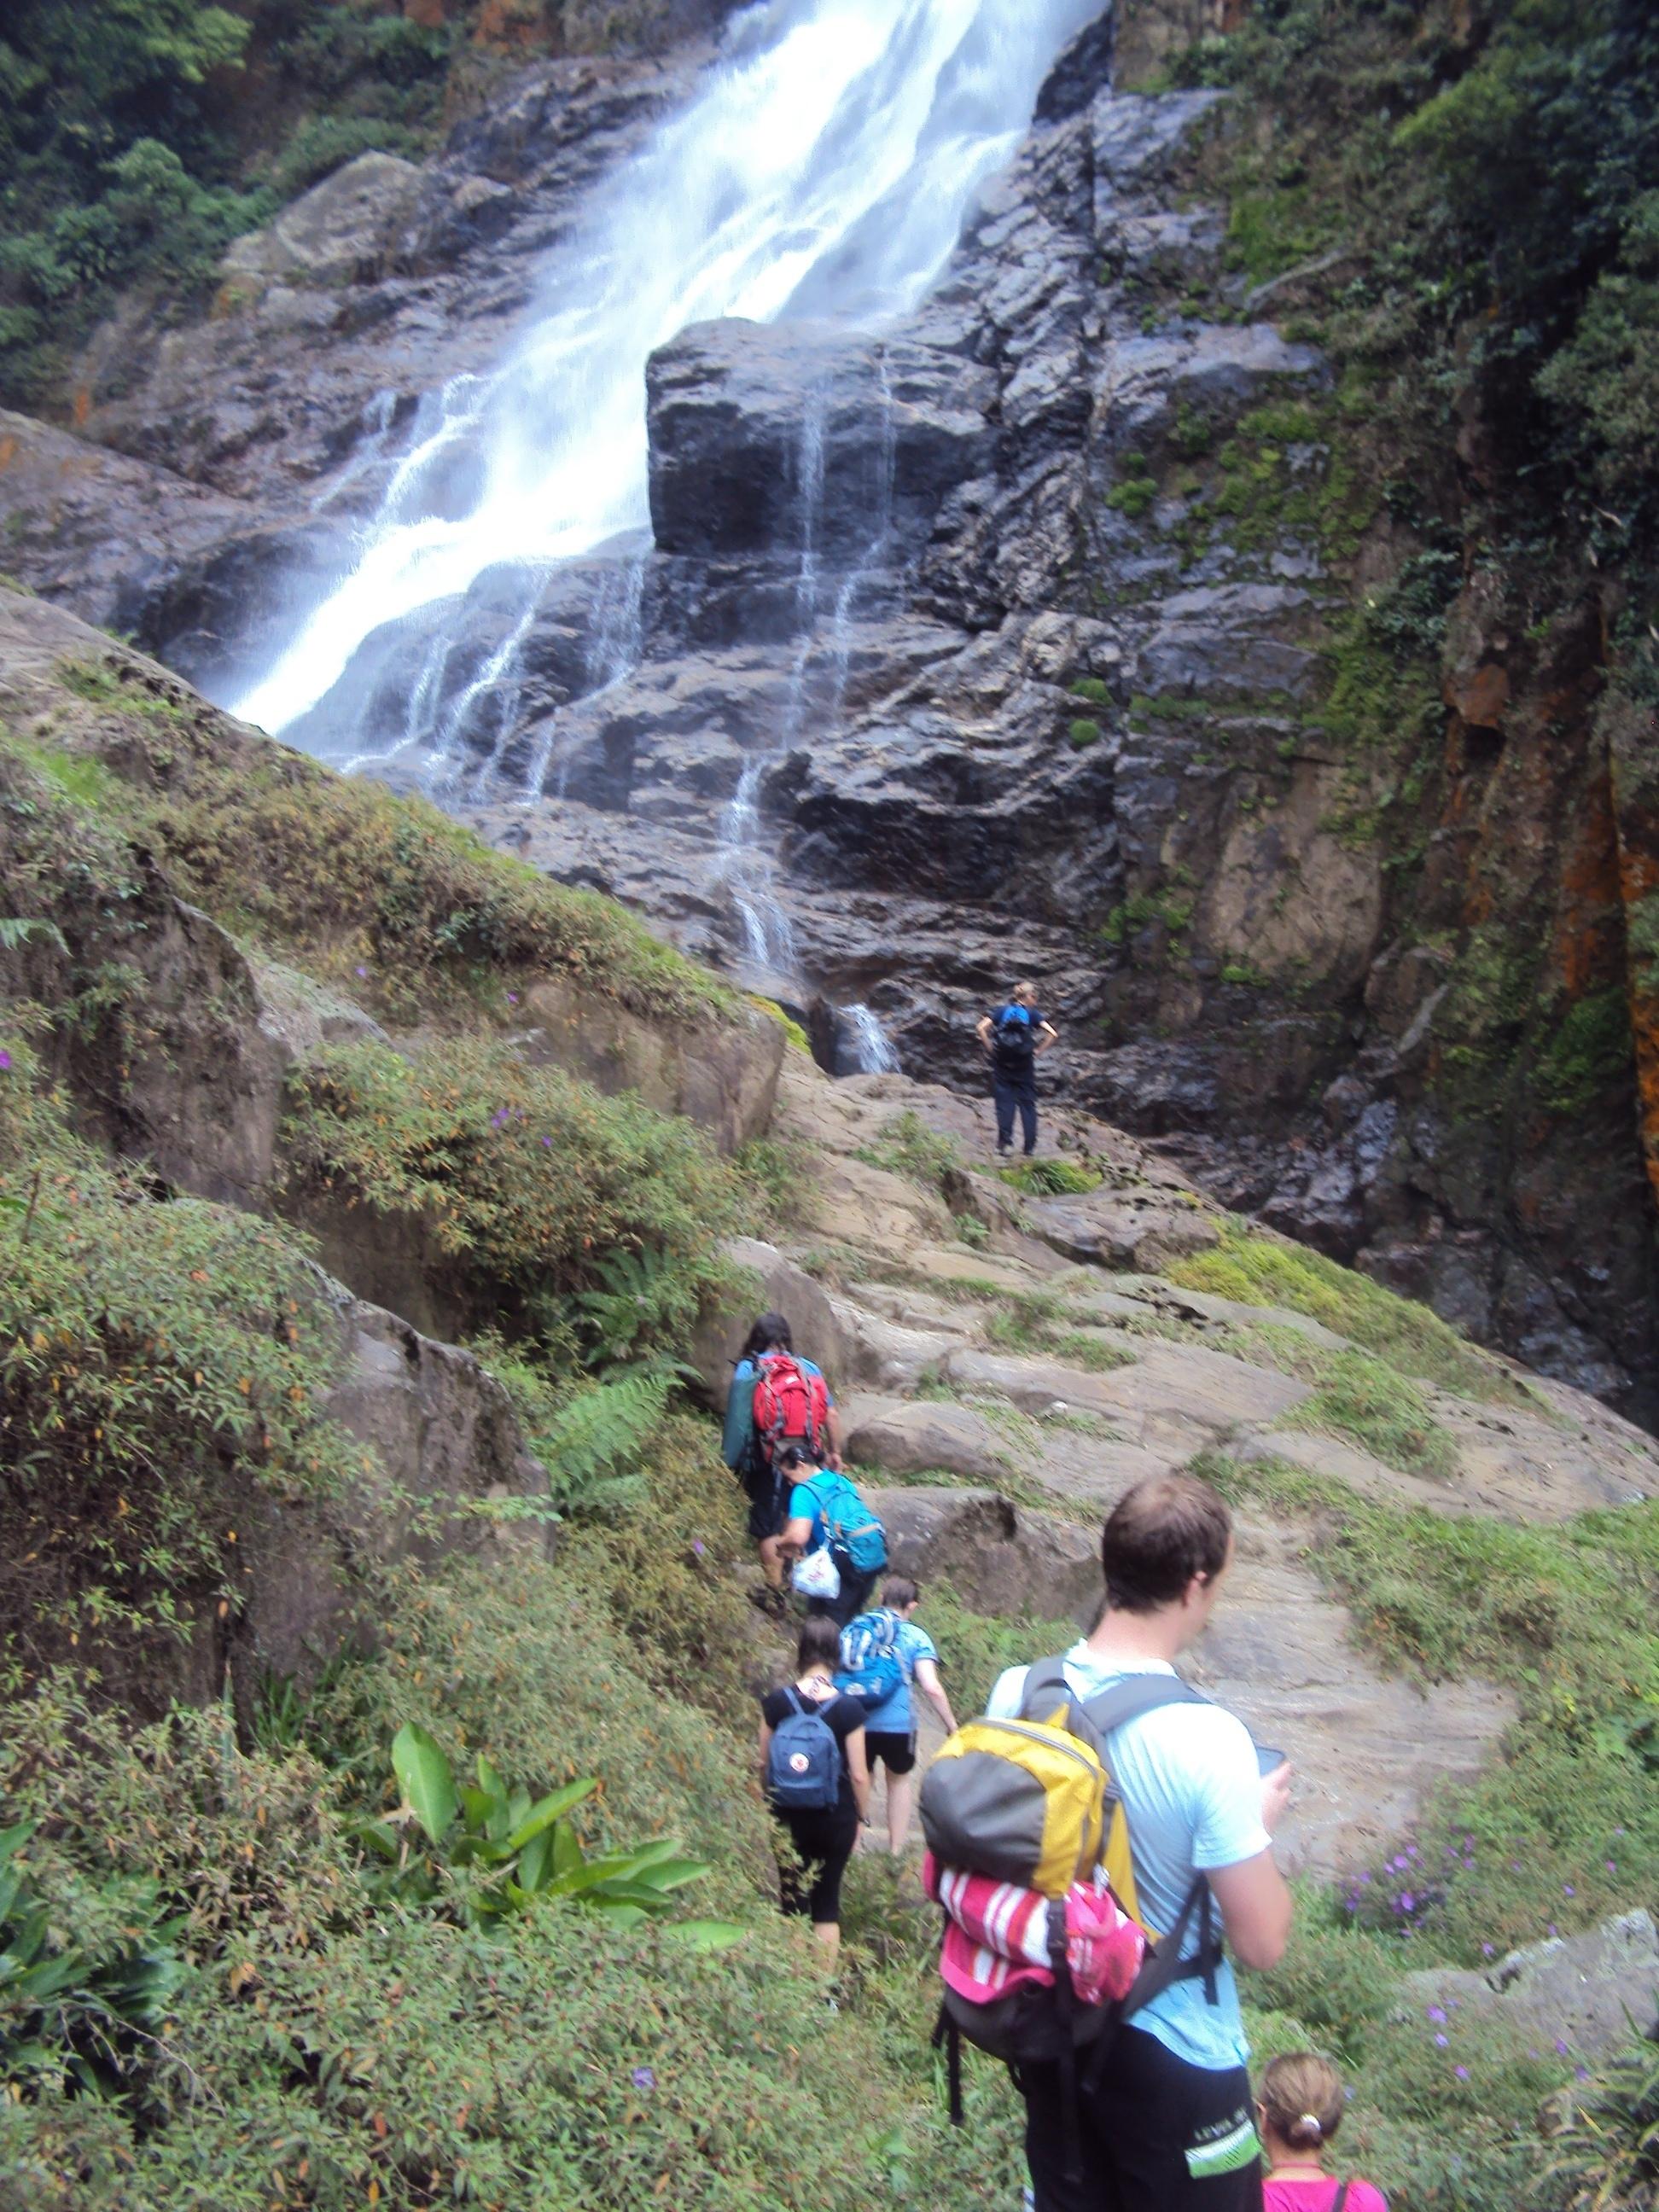 Vale das cachoeiras novembro 2014 044.jpg